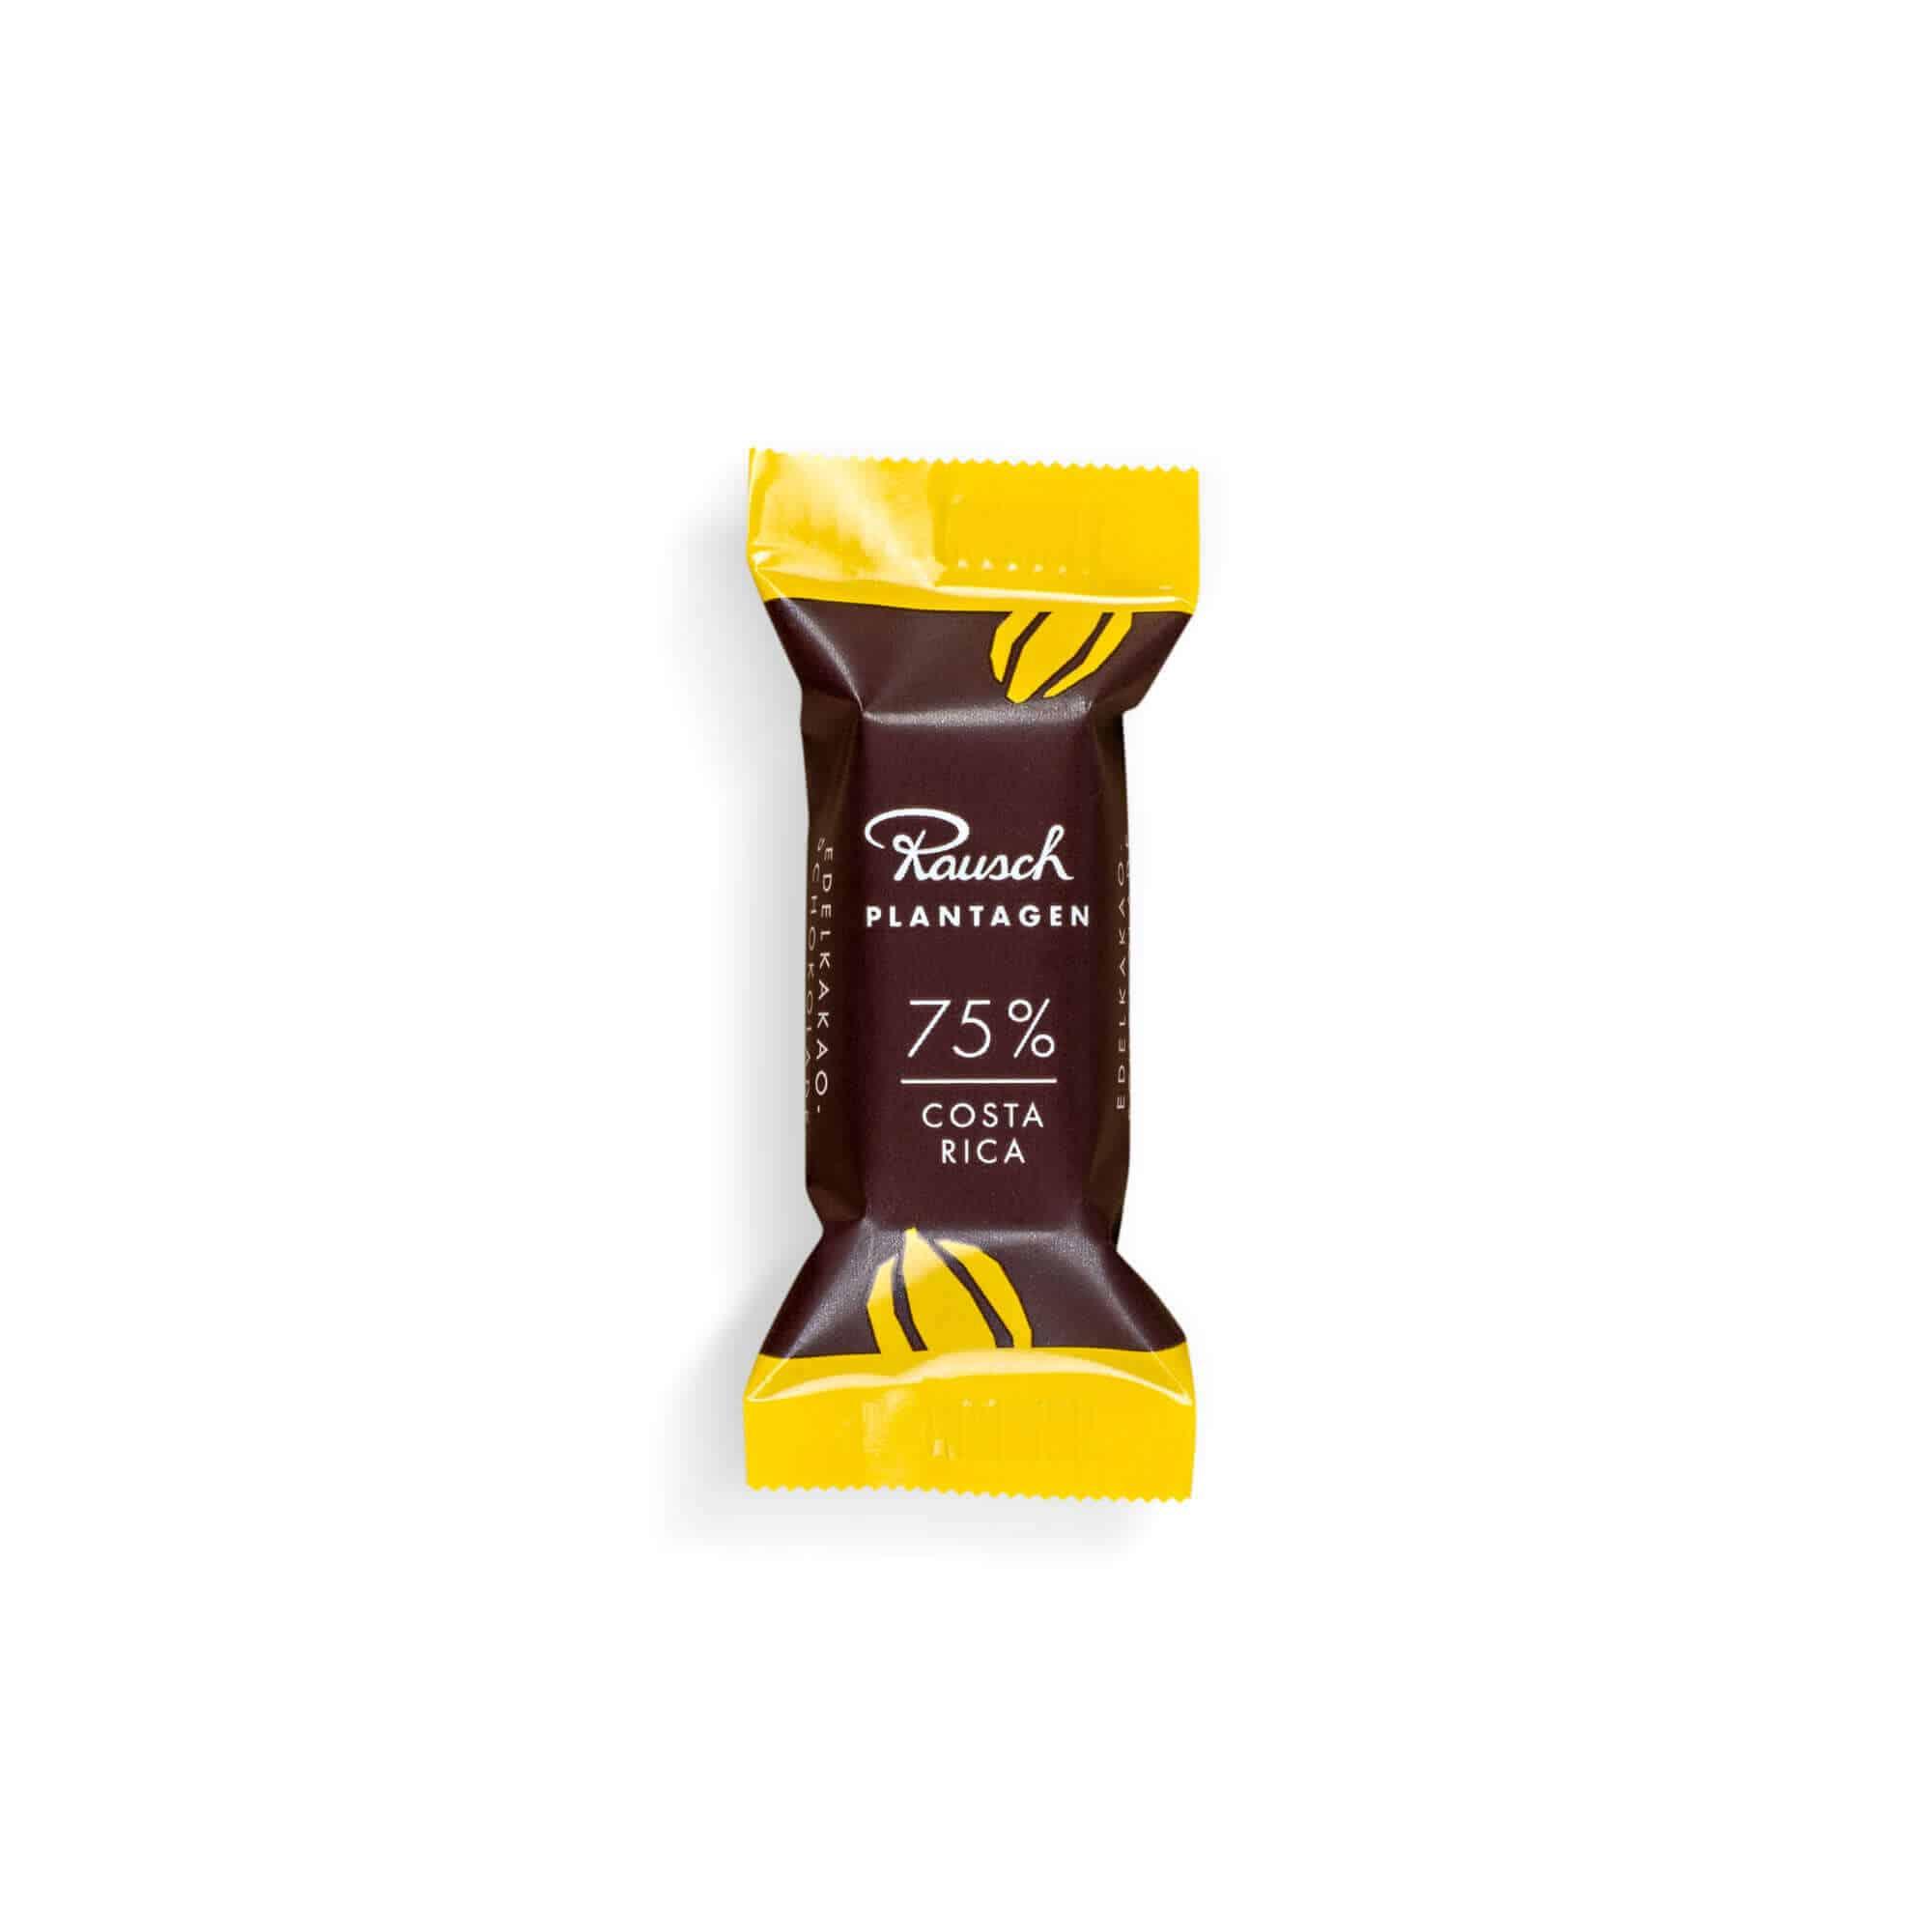 Diabetiker-Schokolade: Genuß nach Maß mit Rausch Plantagen